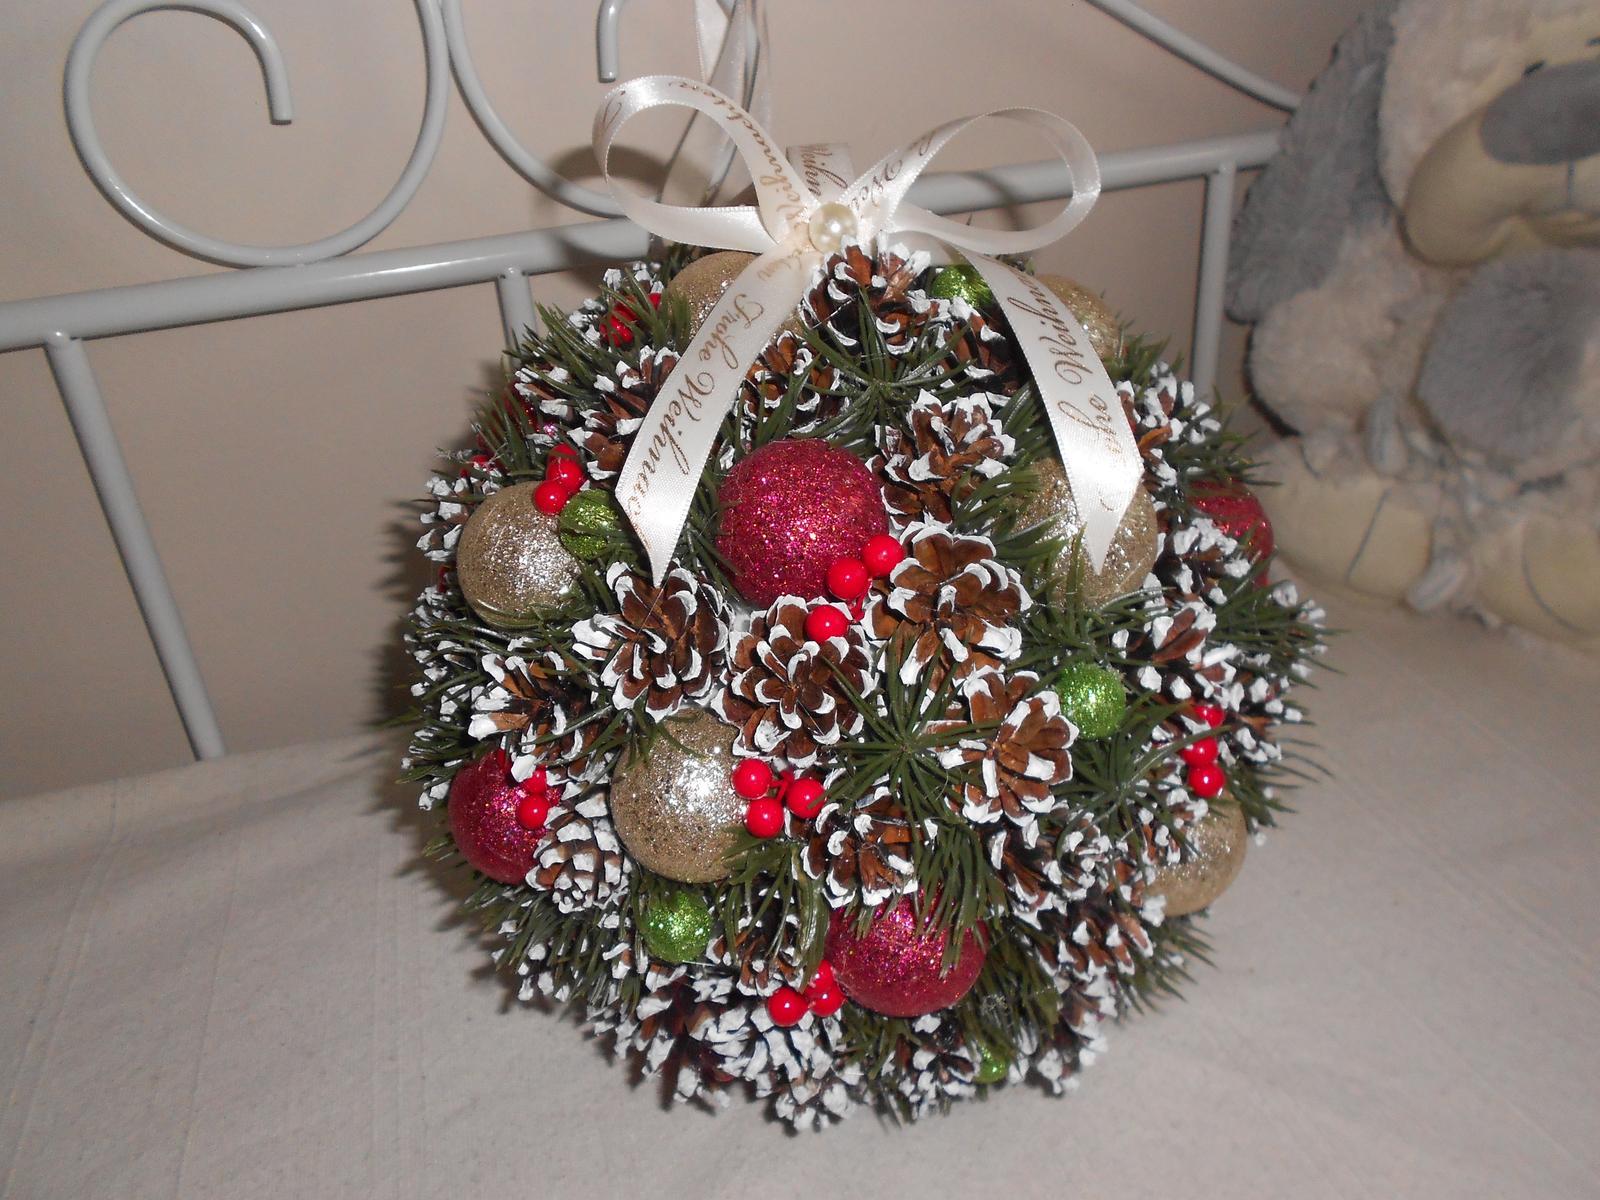 vianočná guľa - Obrázok č. 2